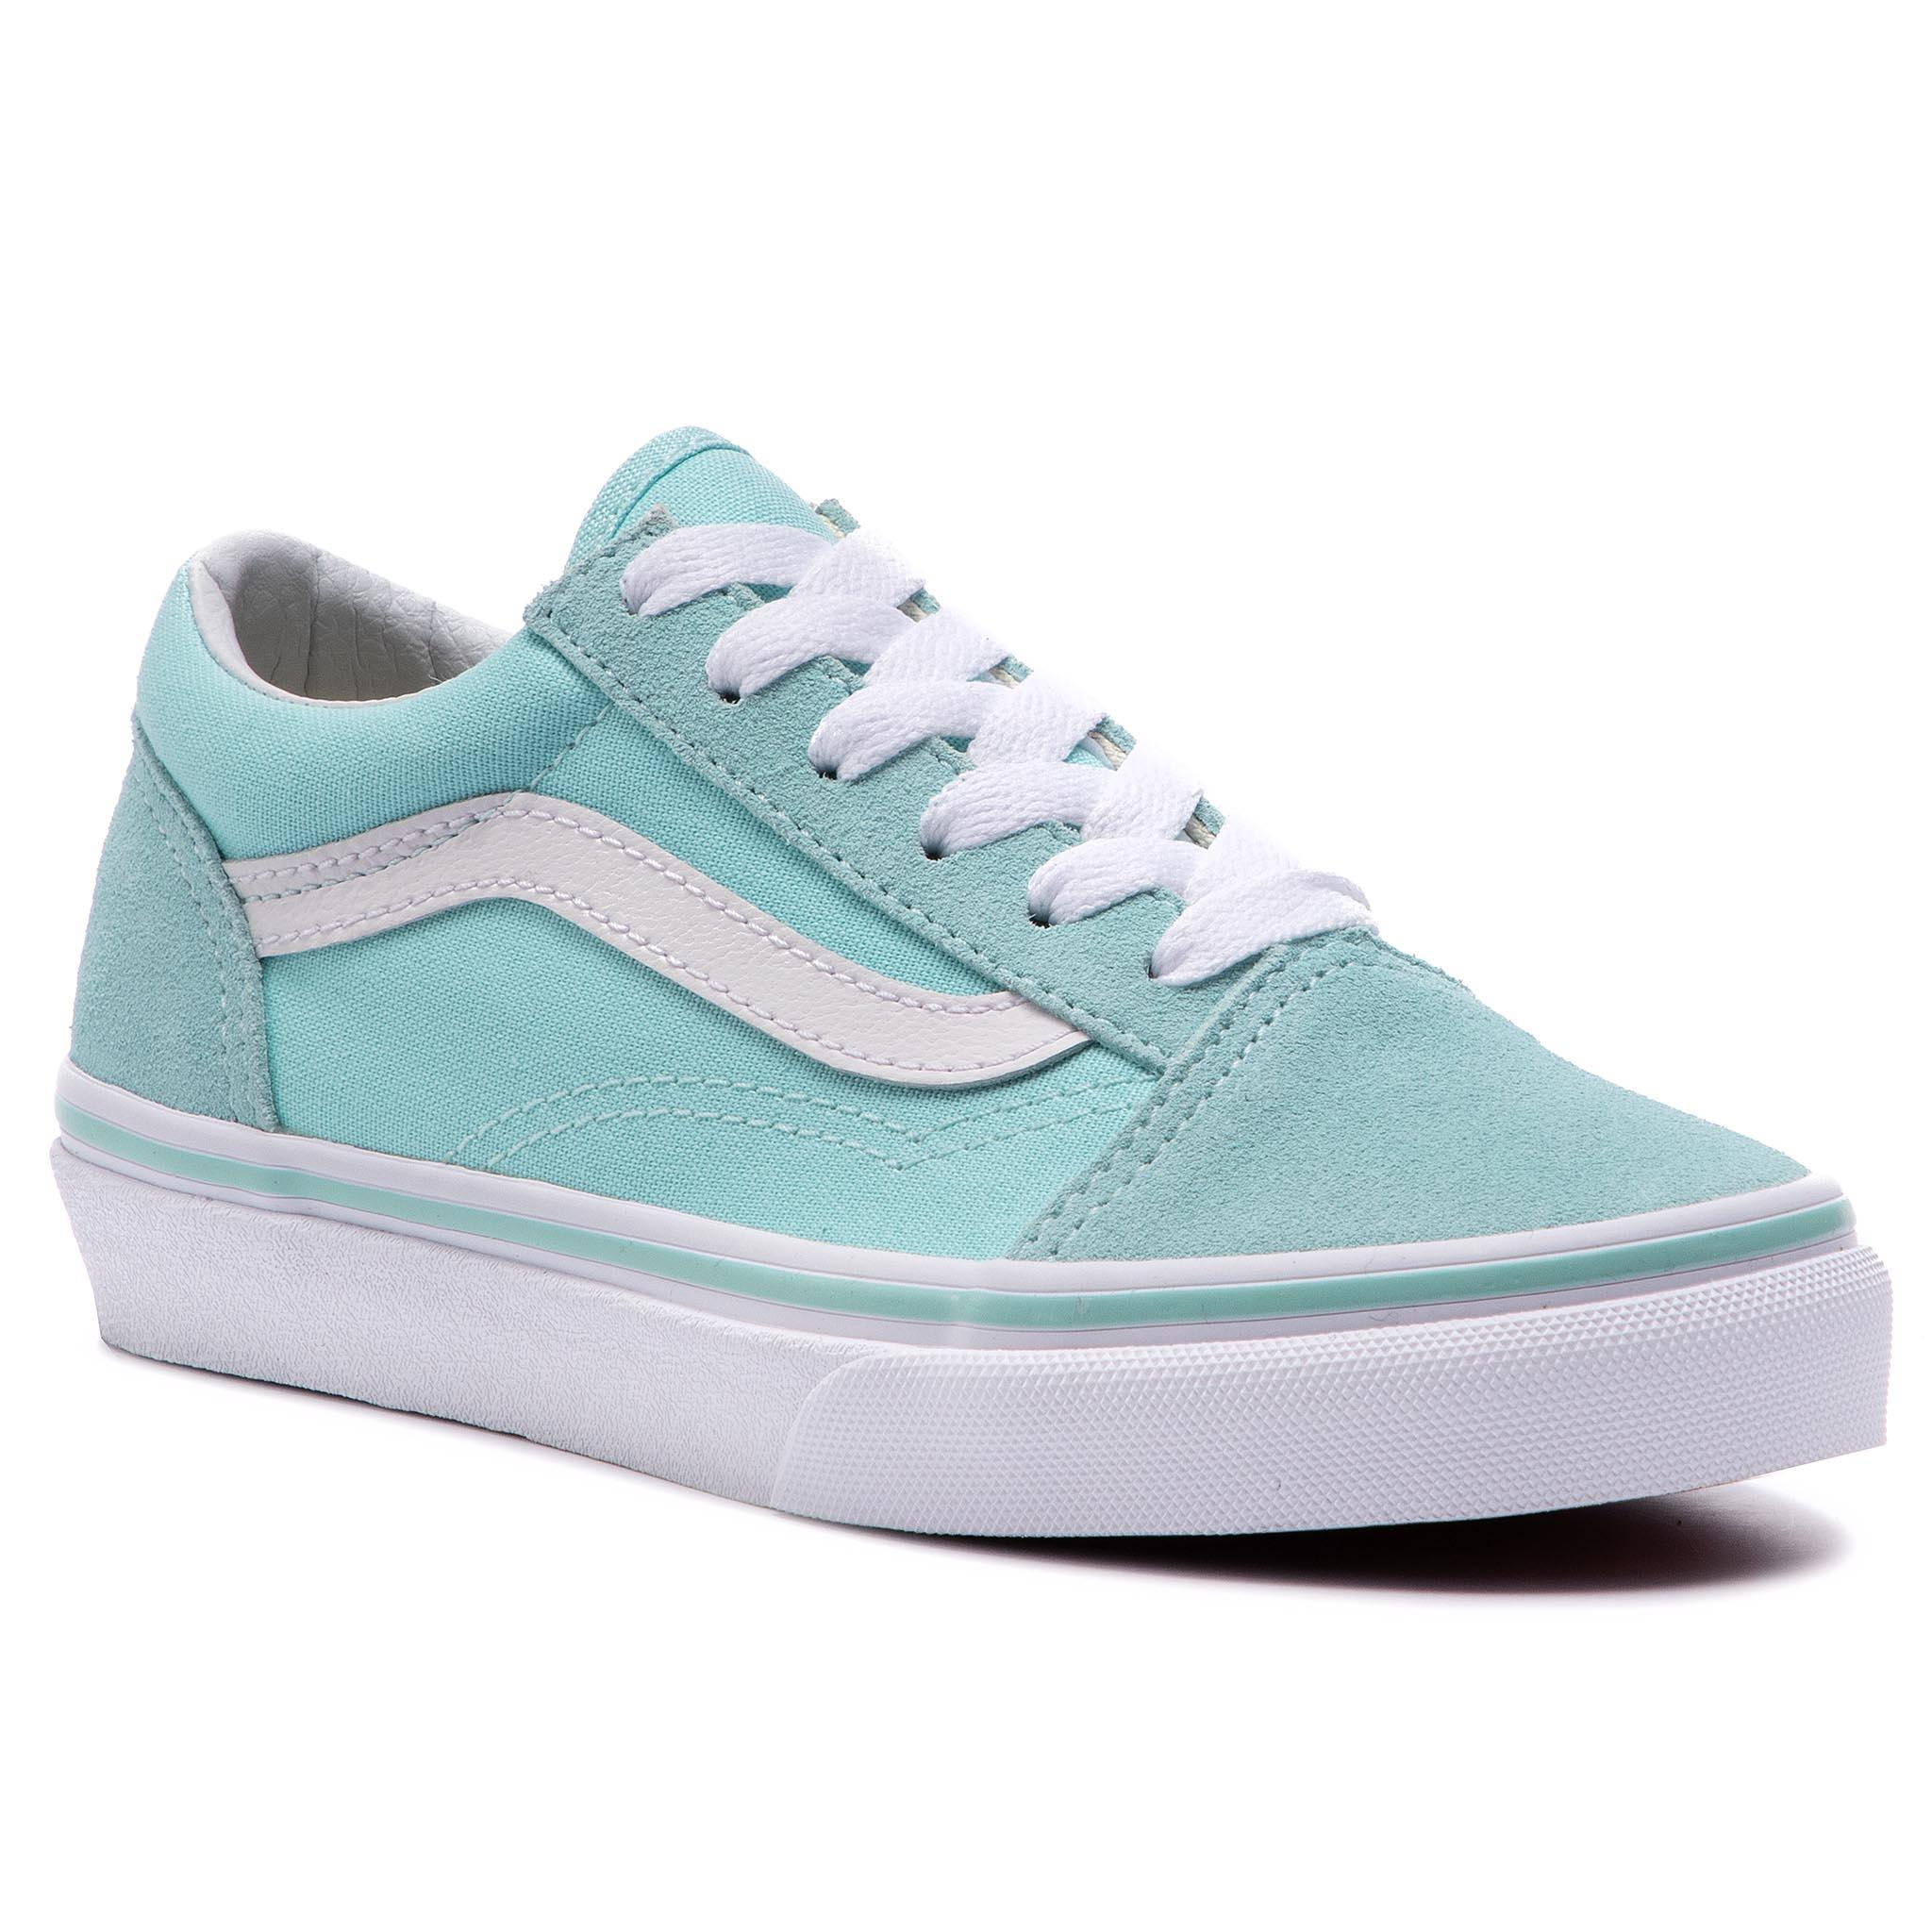 Teniszcipő VANS Old Skool VN0A38HBVIB1 Blue TintTrue White